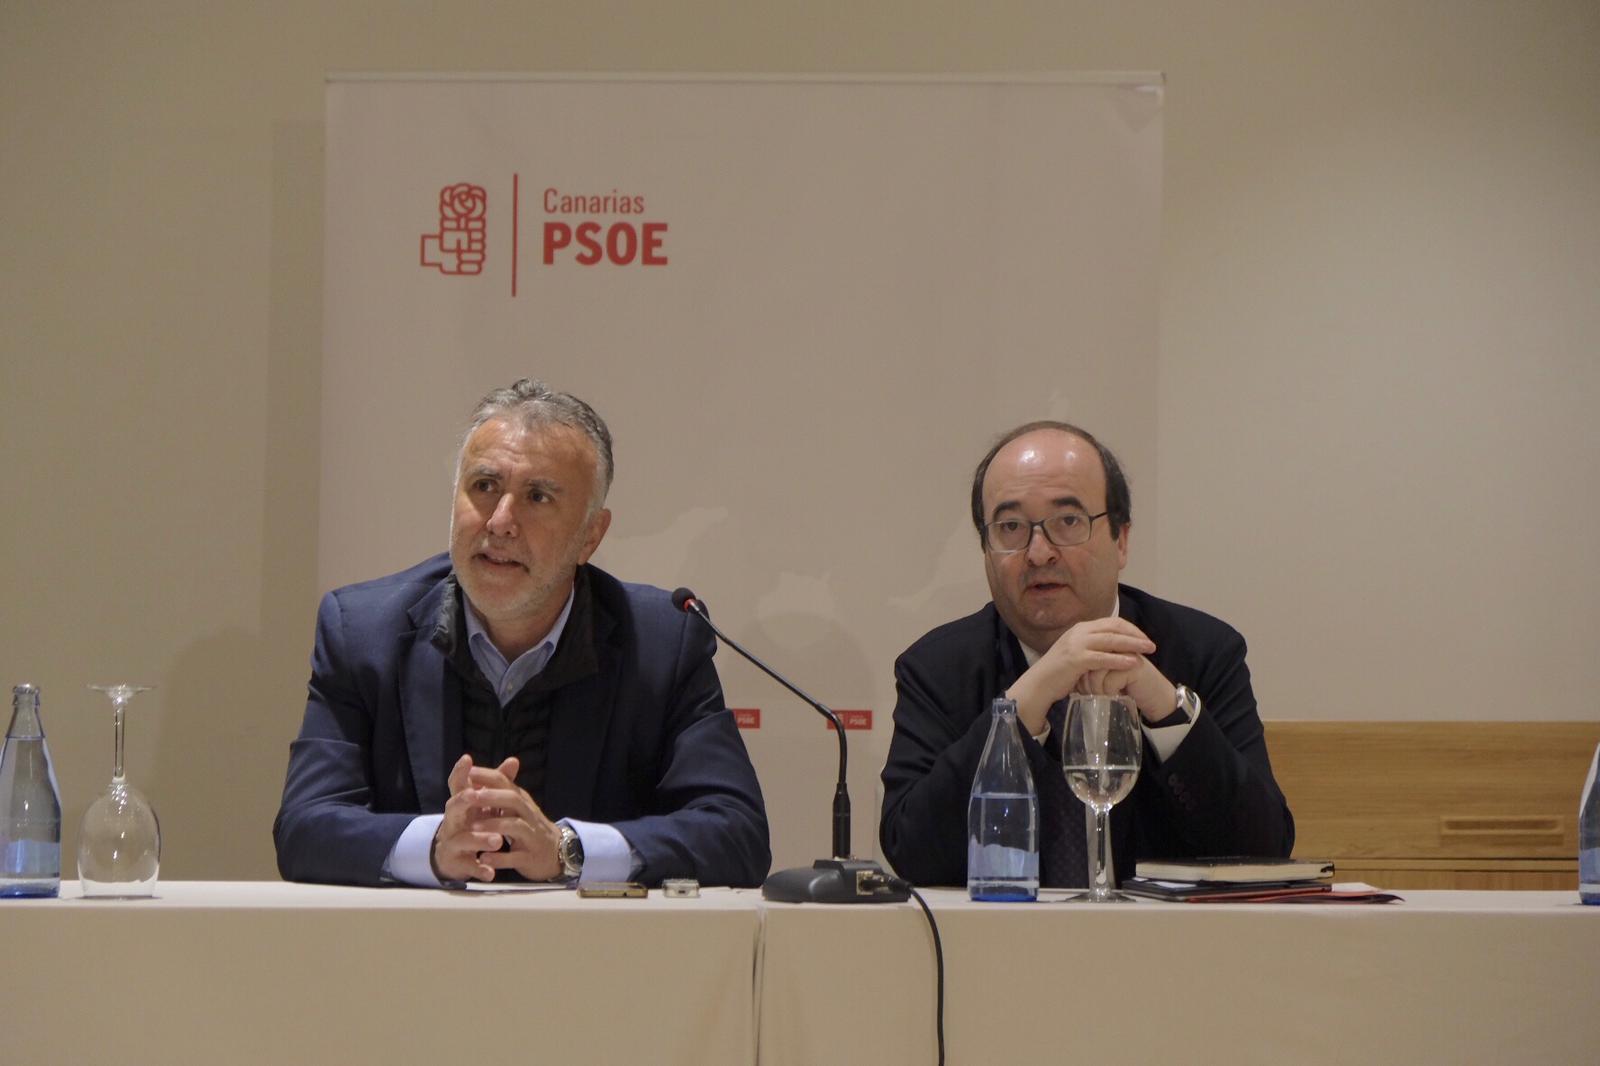 PSOE ÁNGEL VÍCTOR TORRES Y MIQUEL ICETA